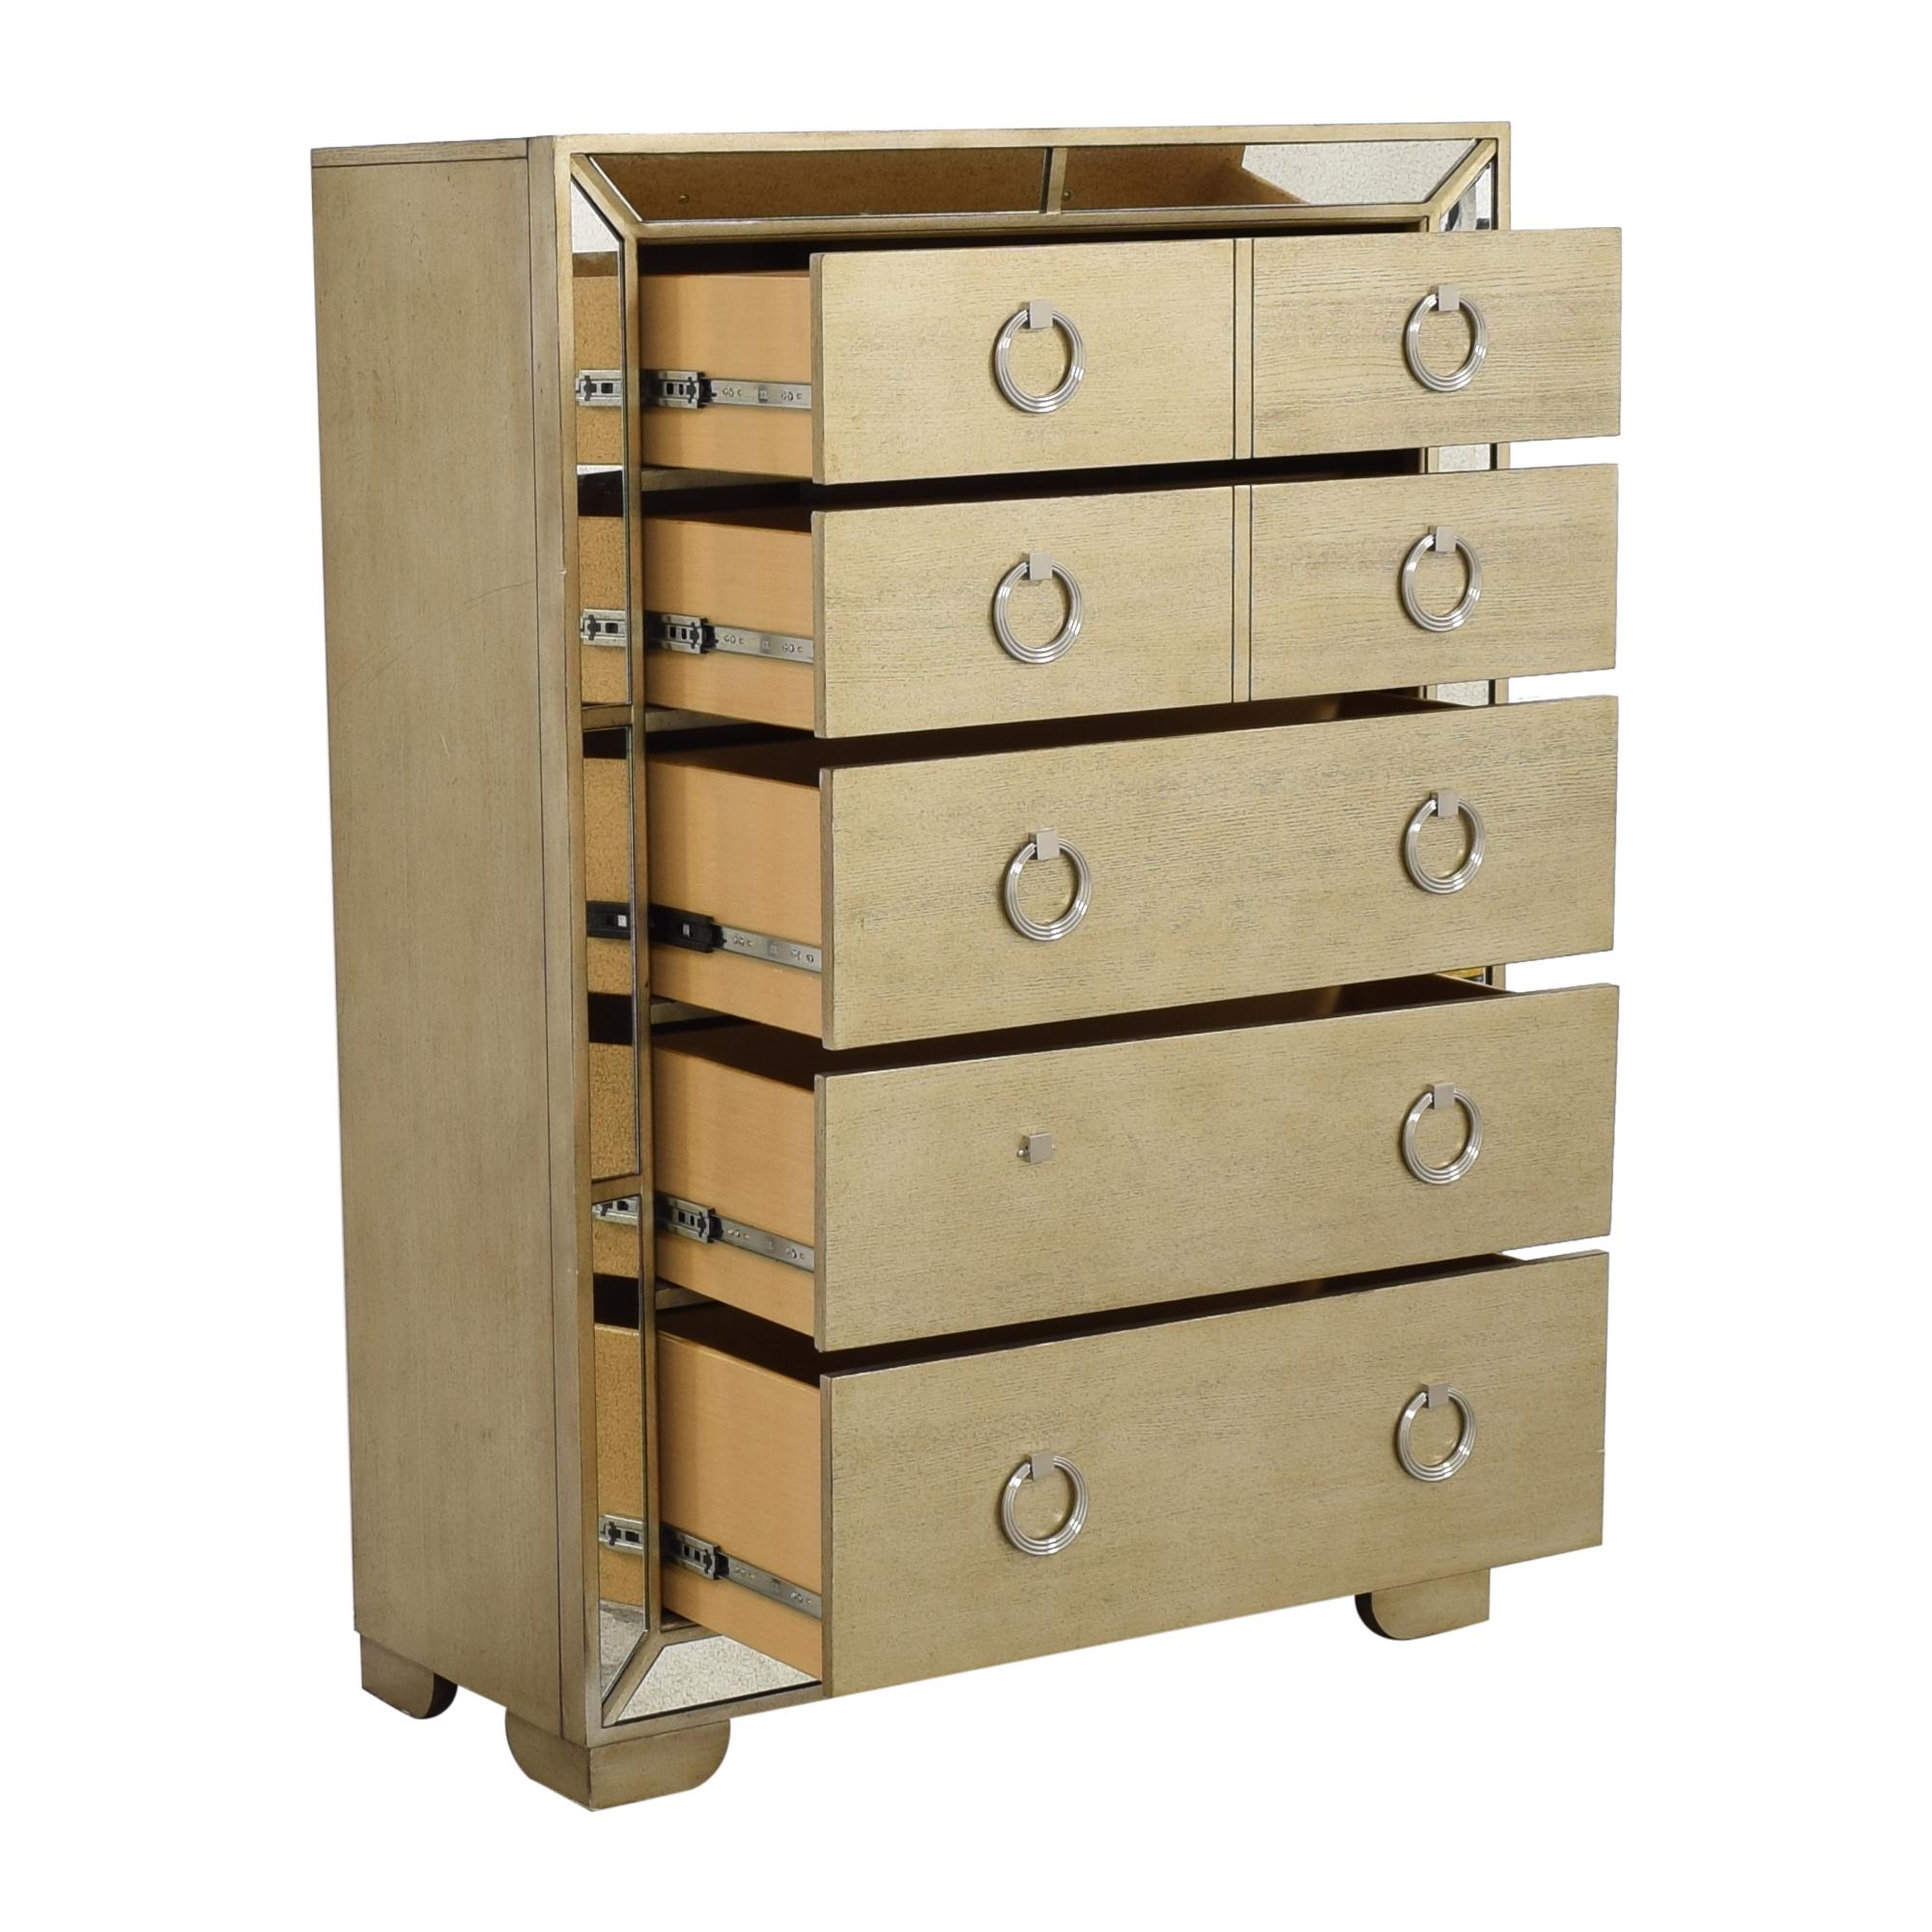 Macy's Ailey Chest / Storage